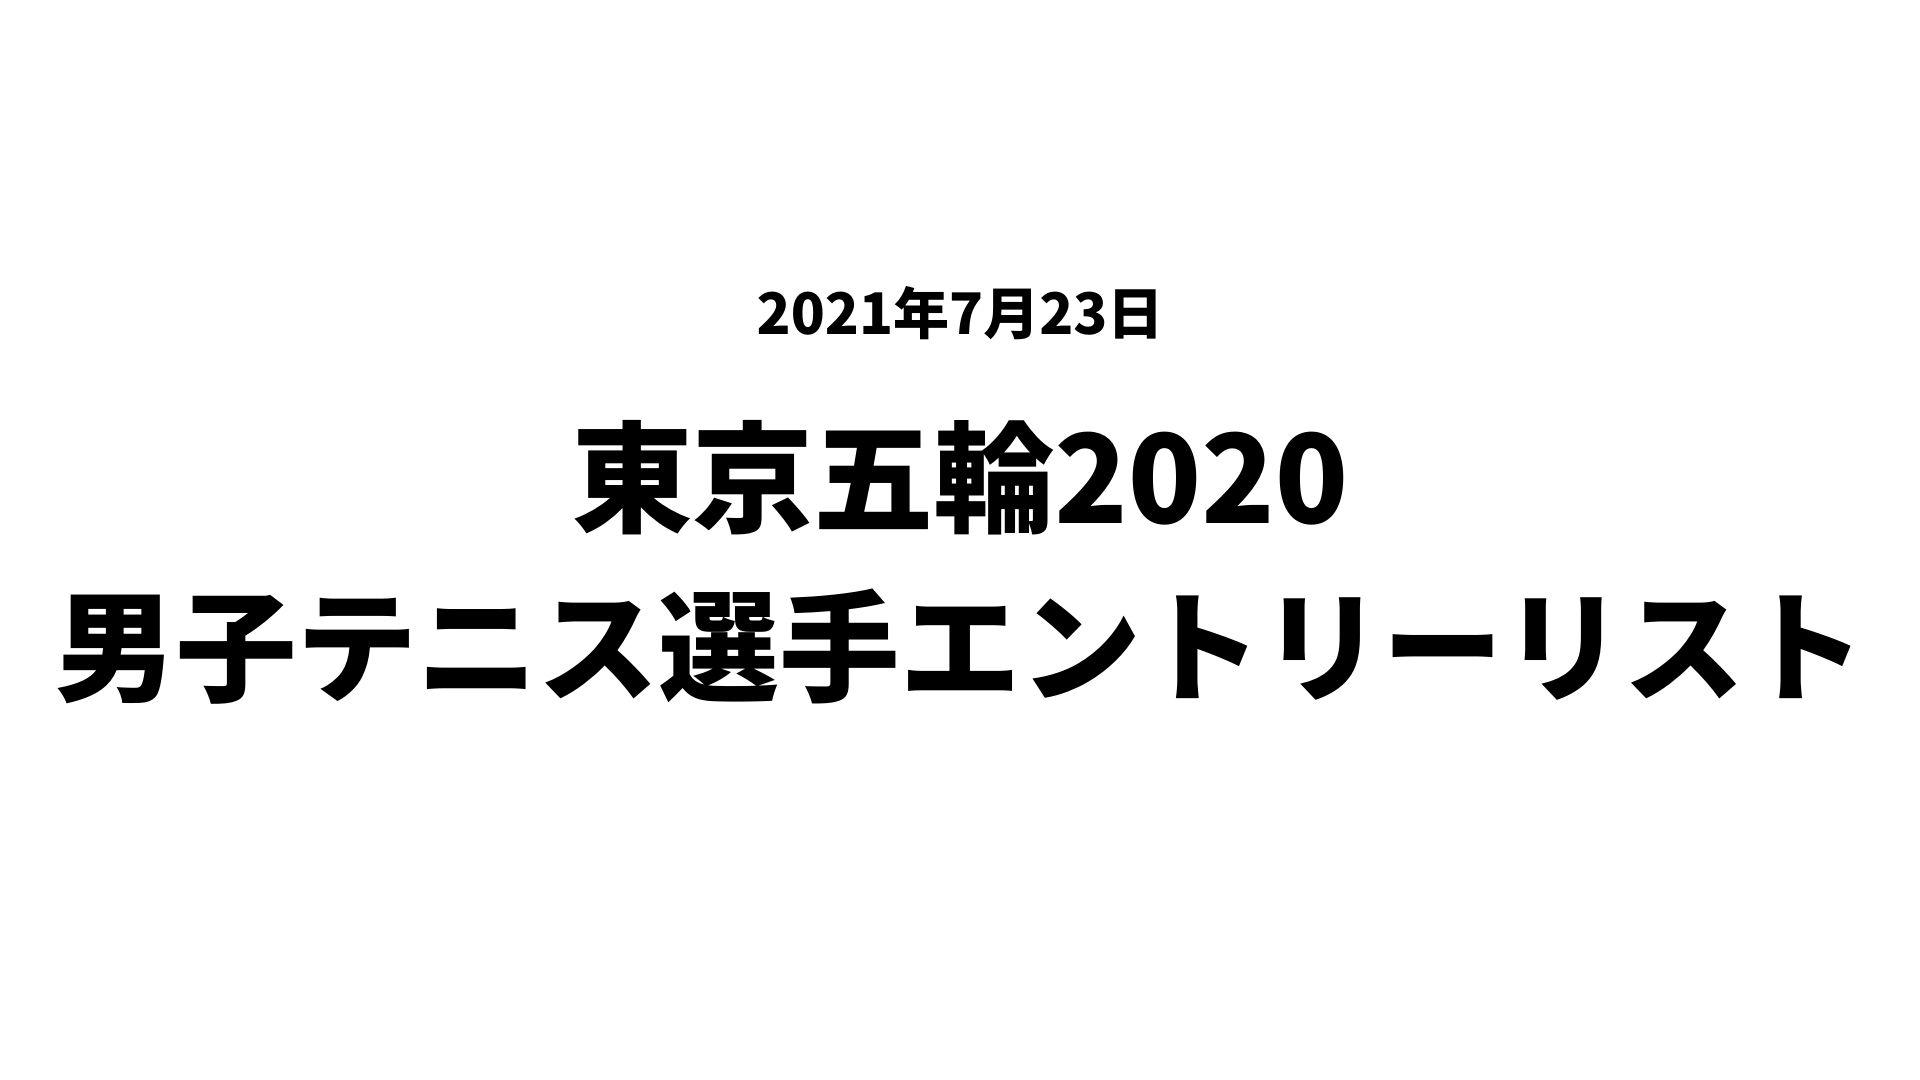 東京オリンピック2020男子テニス出場選手リスト